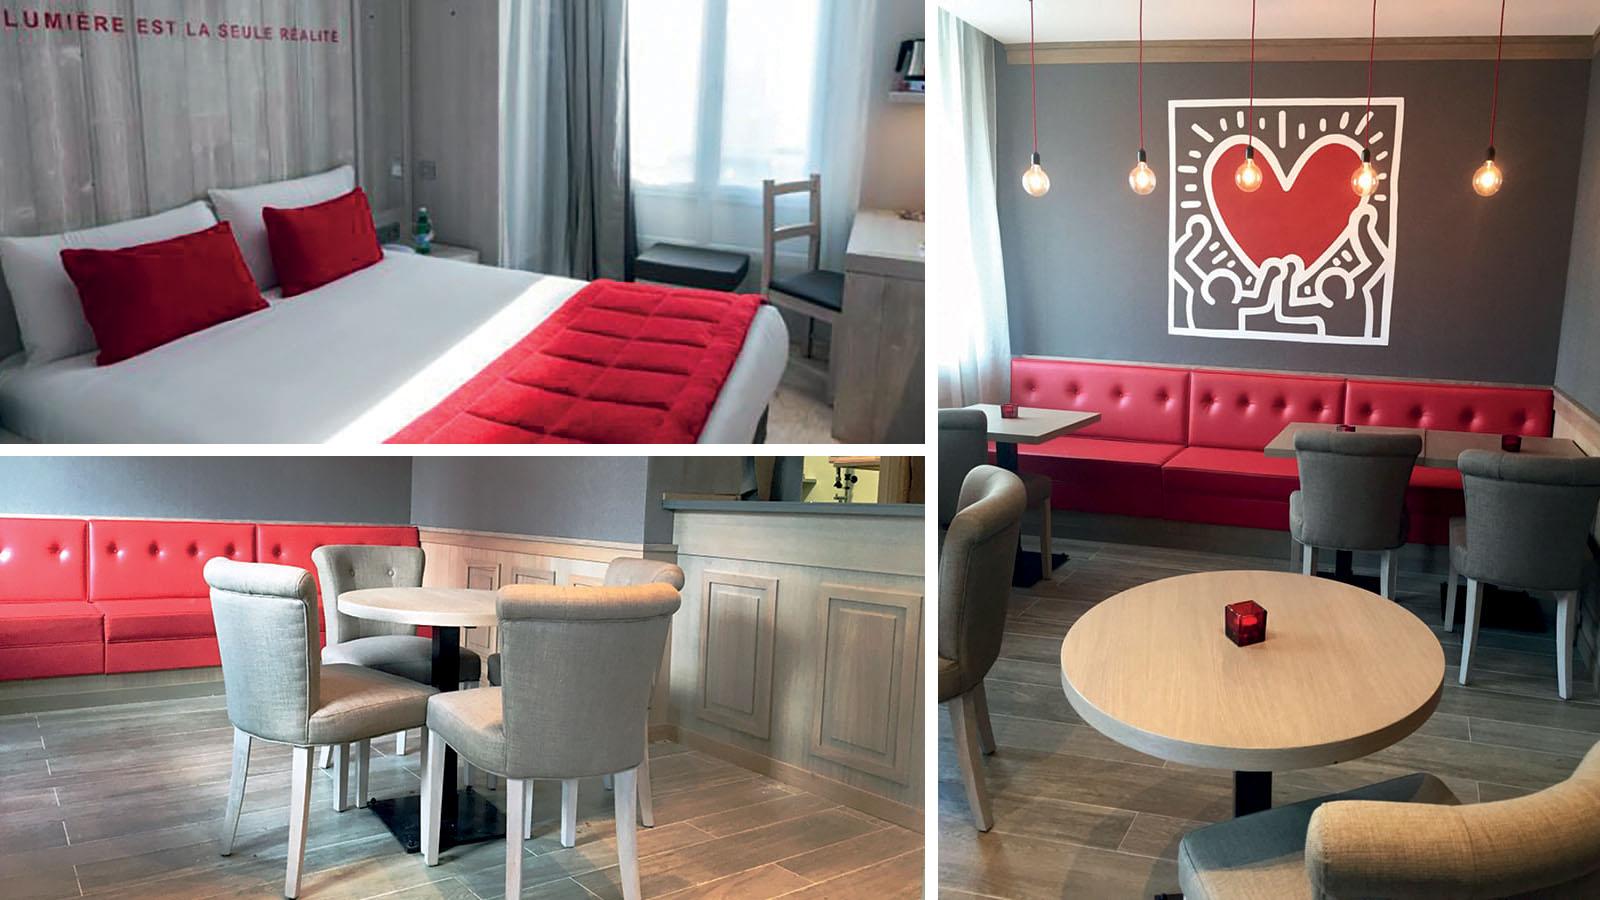 EFI Design Hotel Le 209 Paris Efi Design 9 1356